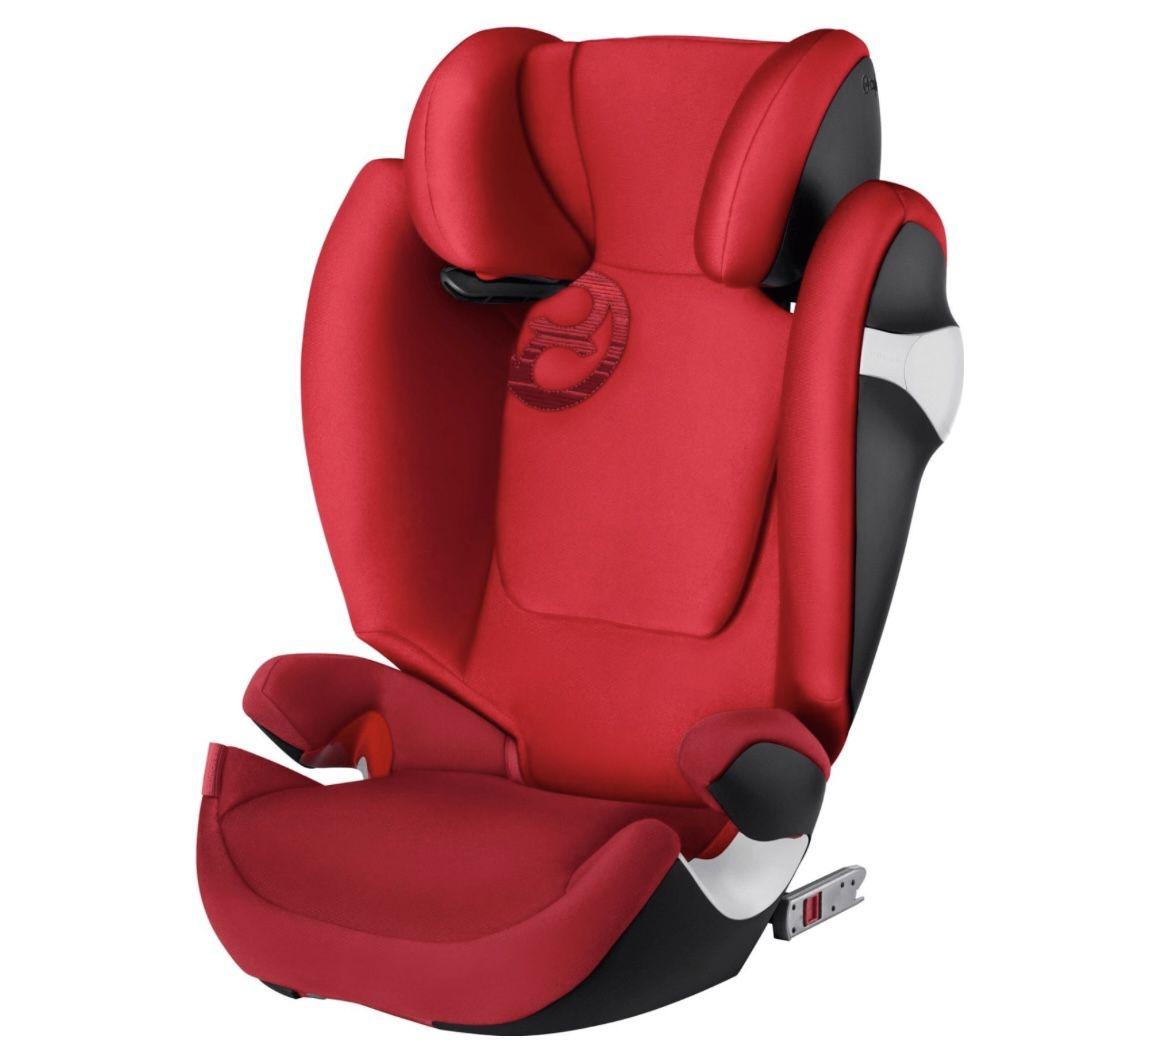 cybex GOLD Kindersitz Solution M fix Rebel Red für 109,19€ (statt 135€)